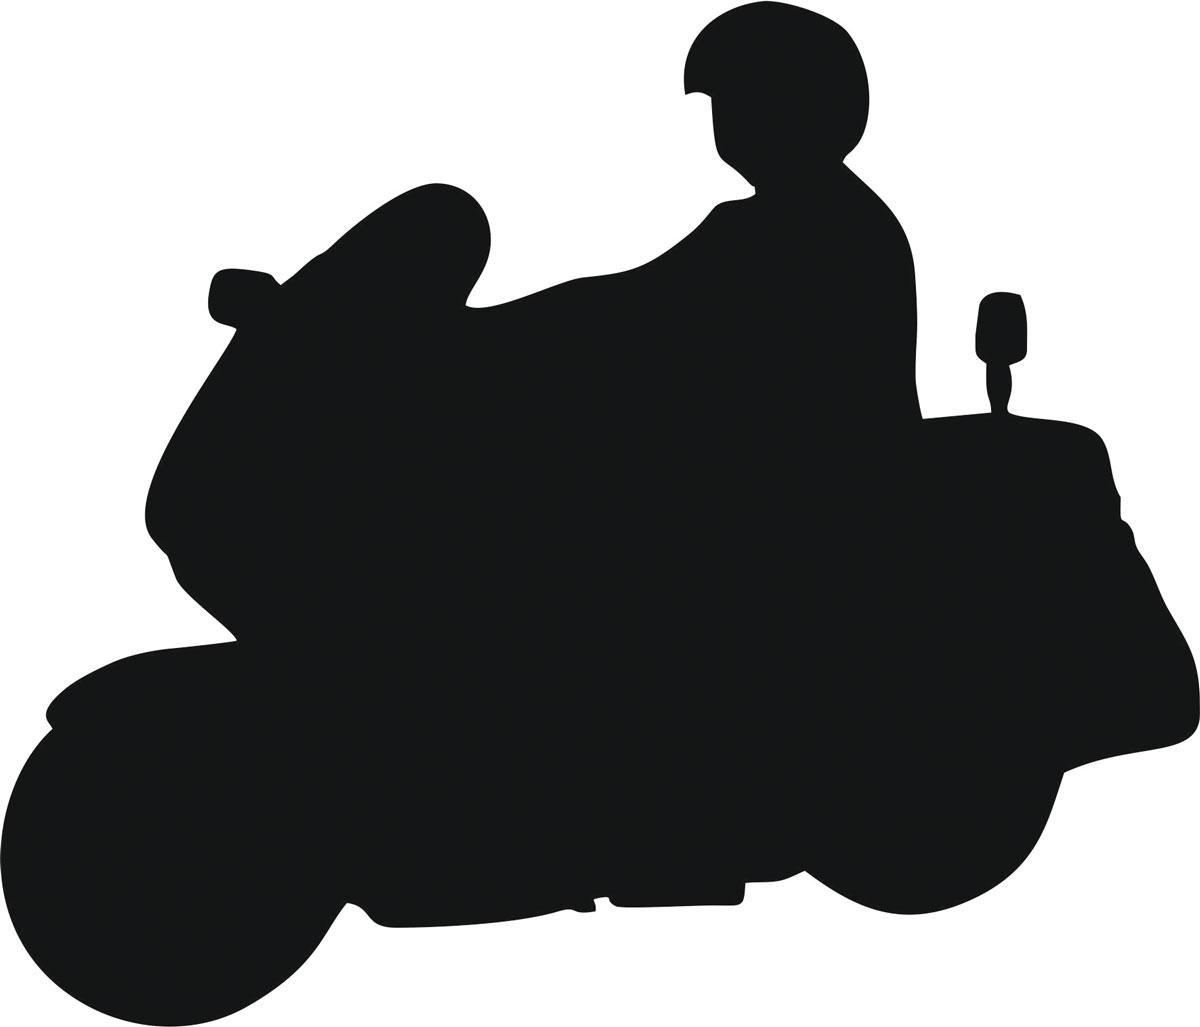 Наклейка автомобильная Оранжевый слоник Мотоциклист 12, виниловая, цвет: черный150MT00012BОригинальная наклейка Оранжевый слоник Мотоциклист 12 изготовлена из высококачественной виниловой пленки, которая выполняет не только декоративную функцию, но и защищает кузов автомобиля от небольших механических повреждений, либо скрывает уже существующие.Виниловые наклейки на автомобиль - это не только красиво, но еще и быстро! Всего за несколько минут вы можете полностью преобразить свой автомобиль, сделать его ярким, необычным, особенным и неповторимым!